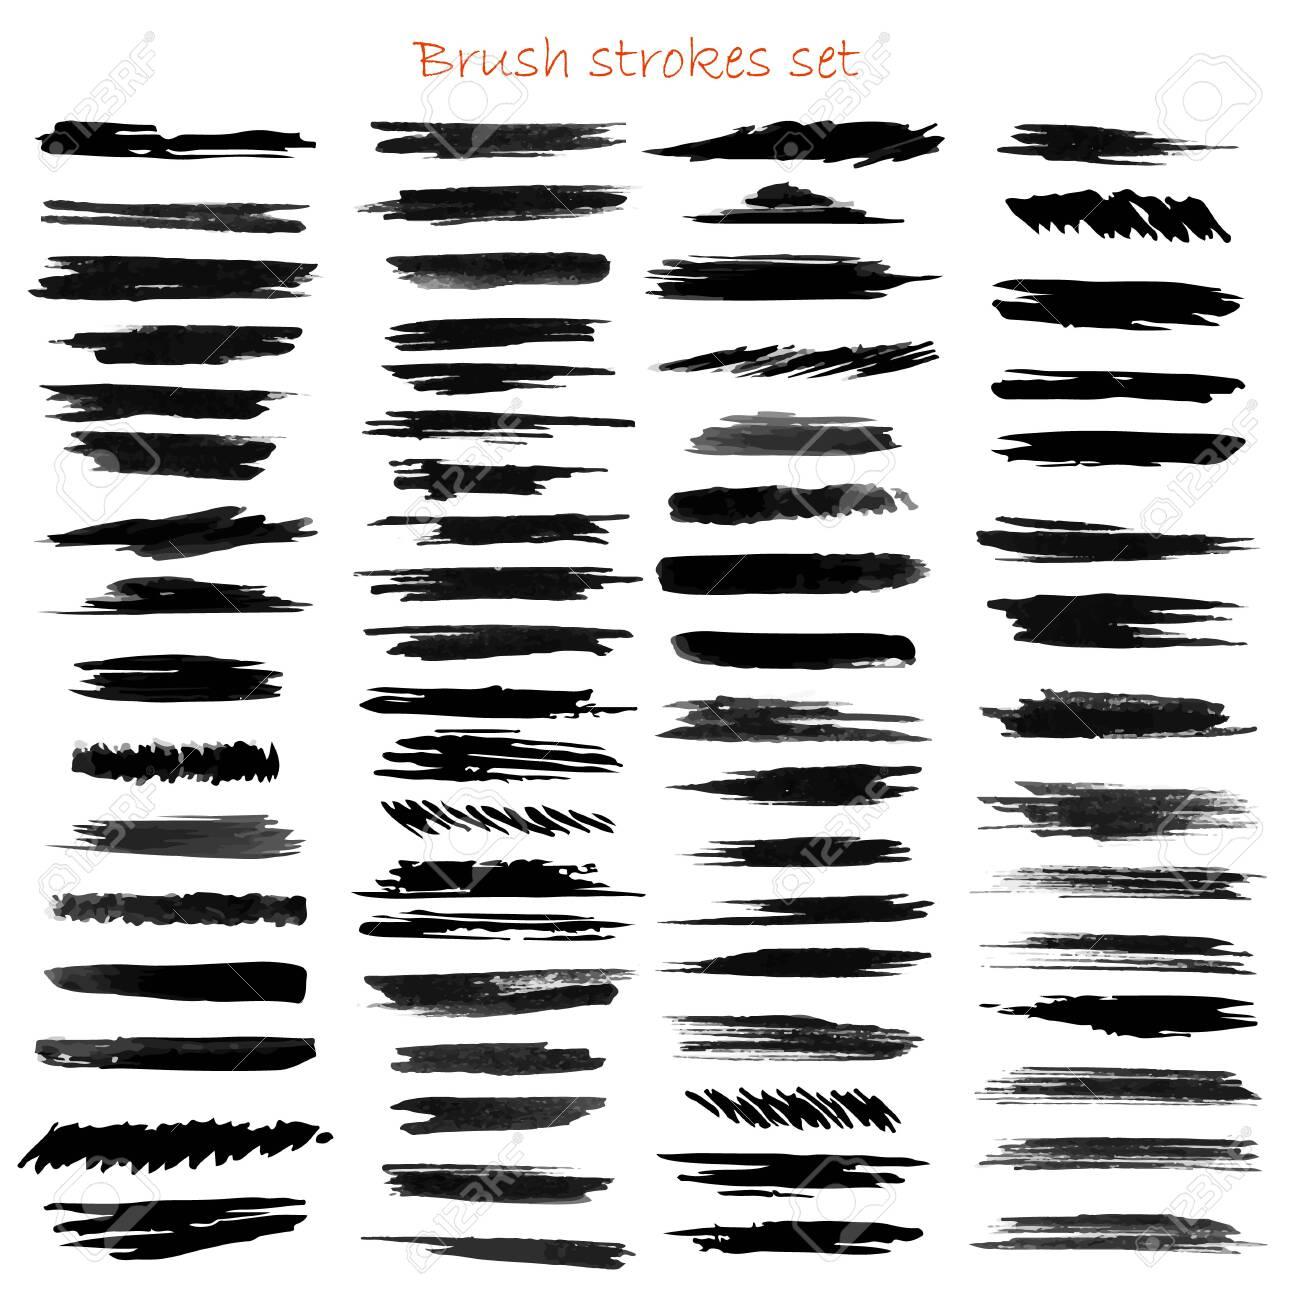 Grungy textures set - 129639819